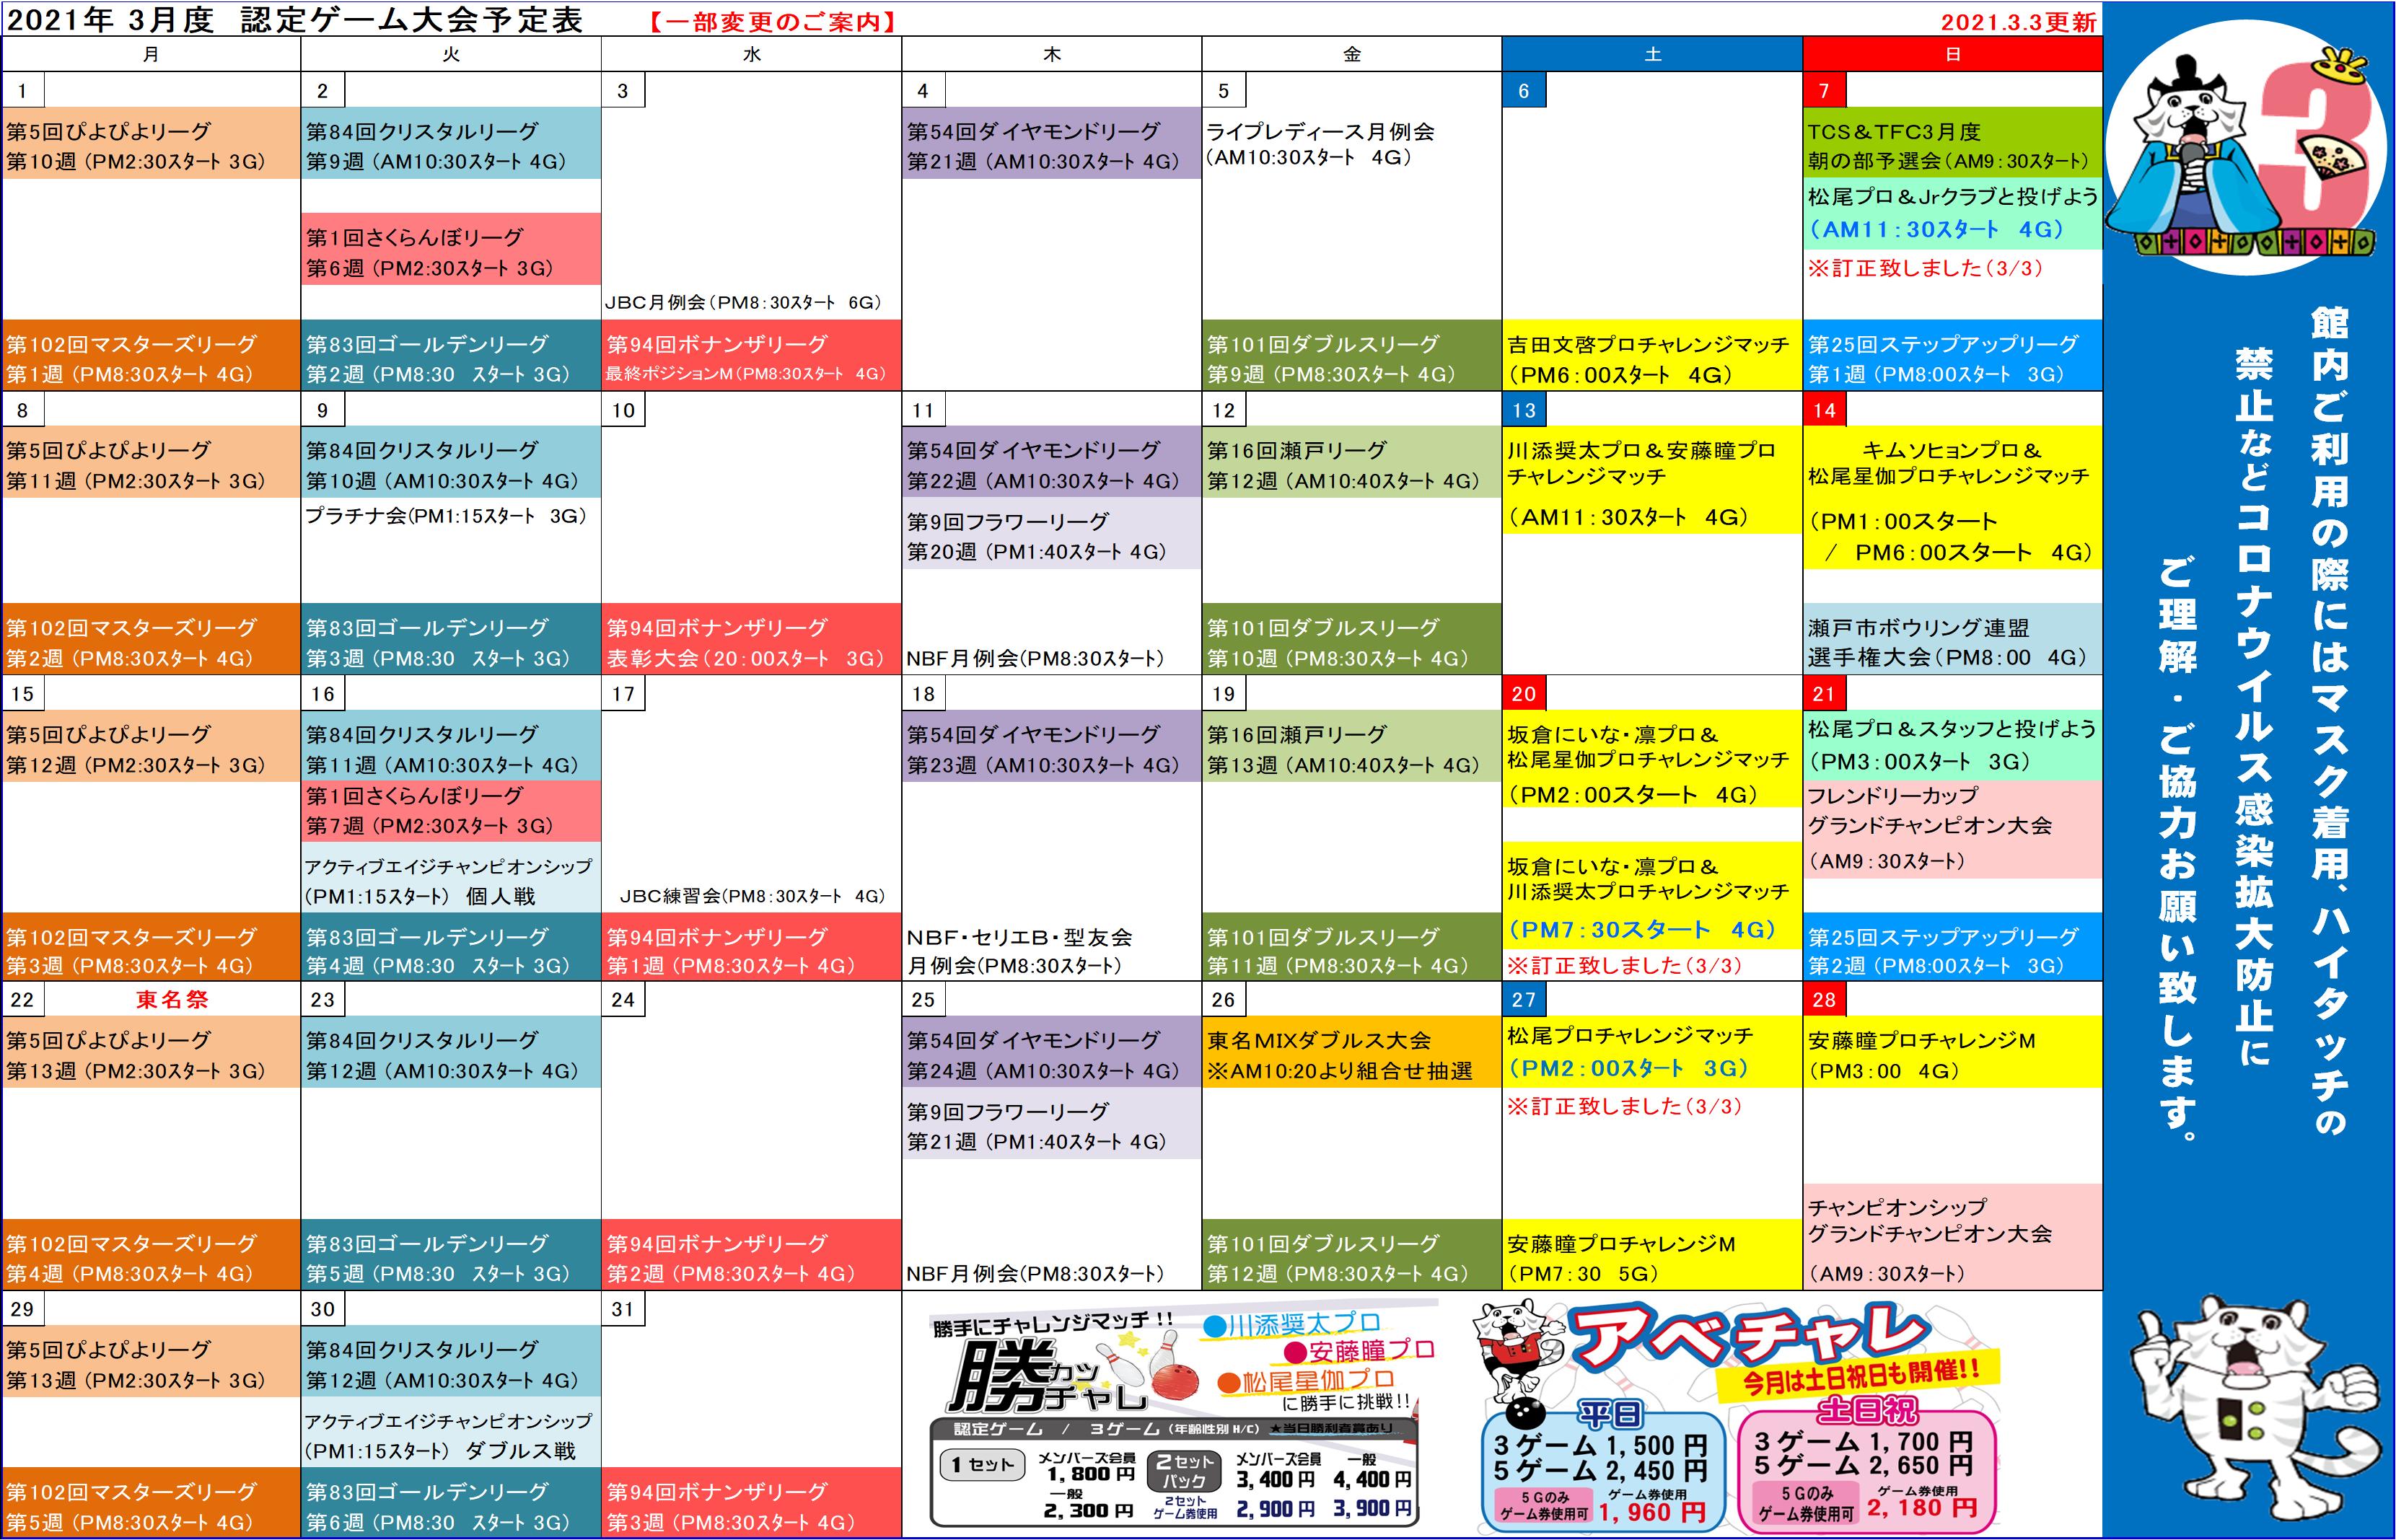 ★会員様向け★3月認定ゲーム大会予定表